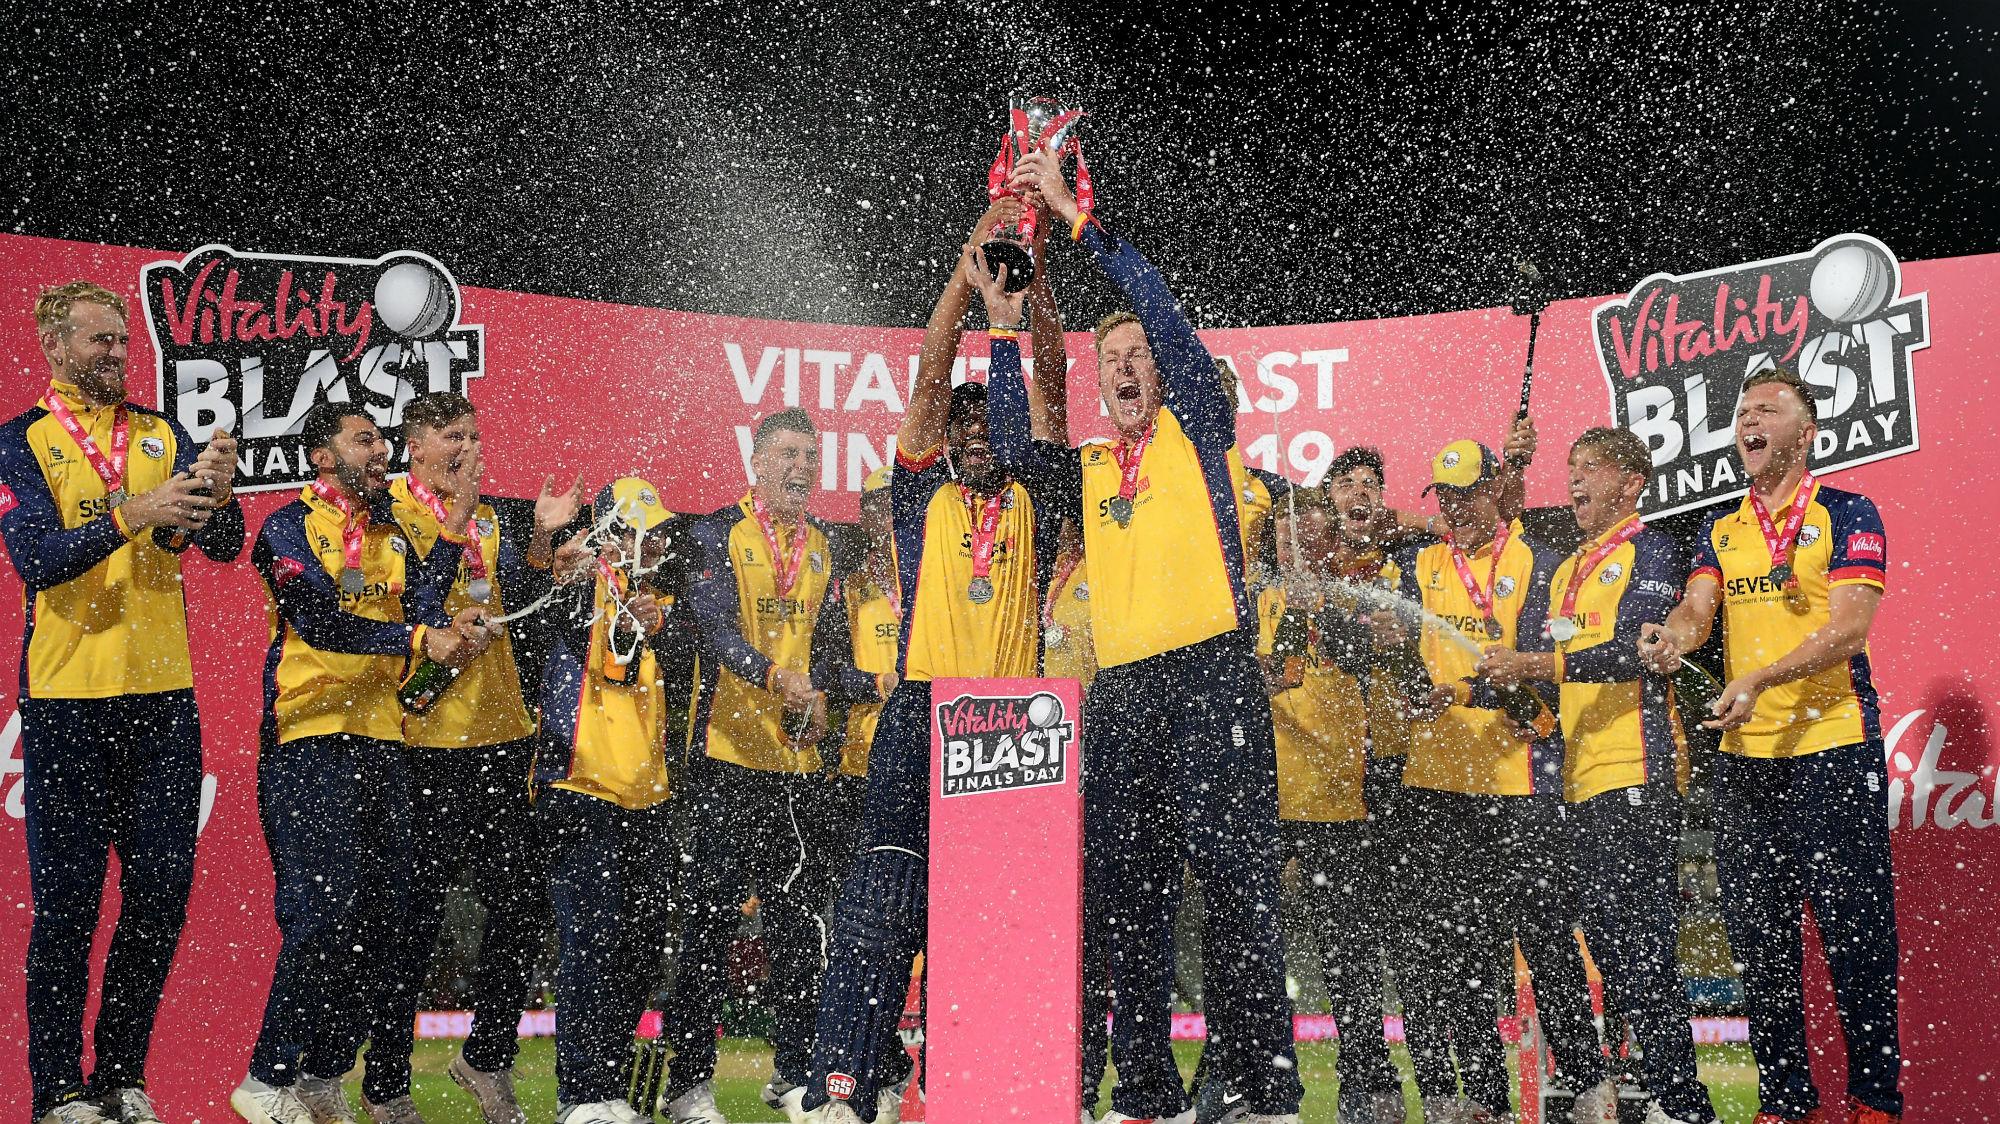 Essex win last-ball thriller to claim maiden T20 Blast title